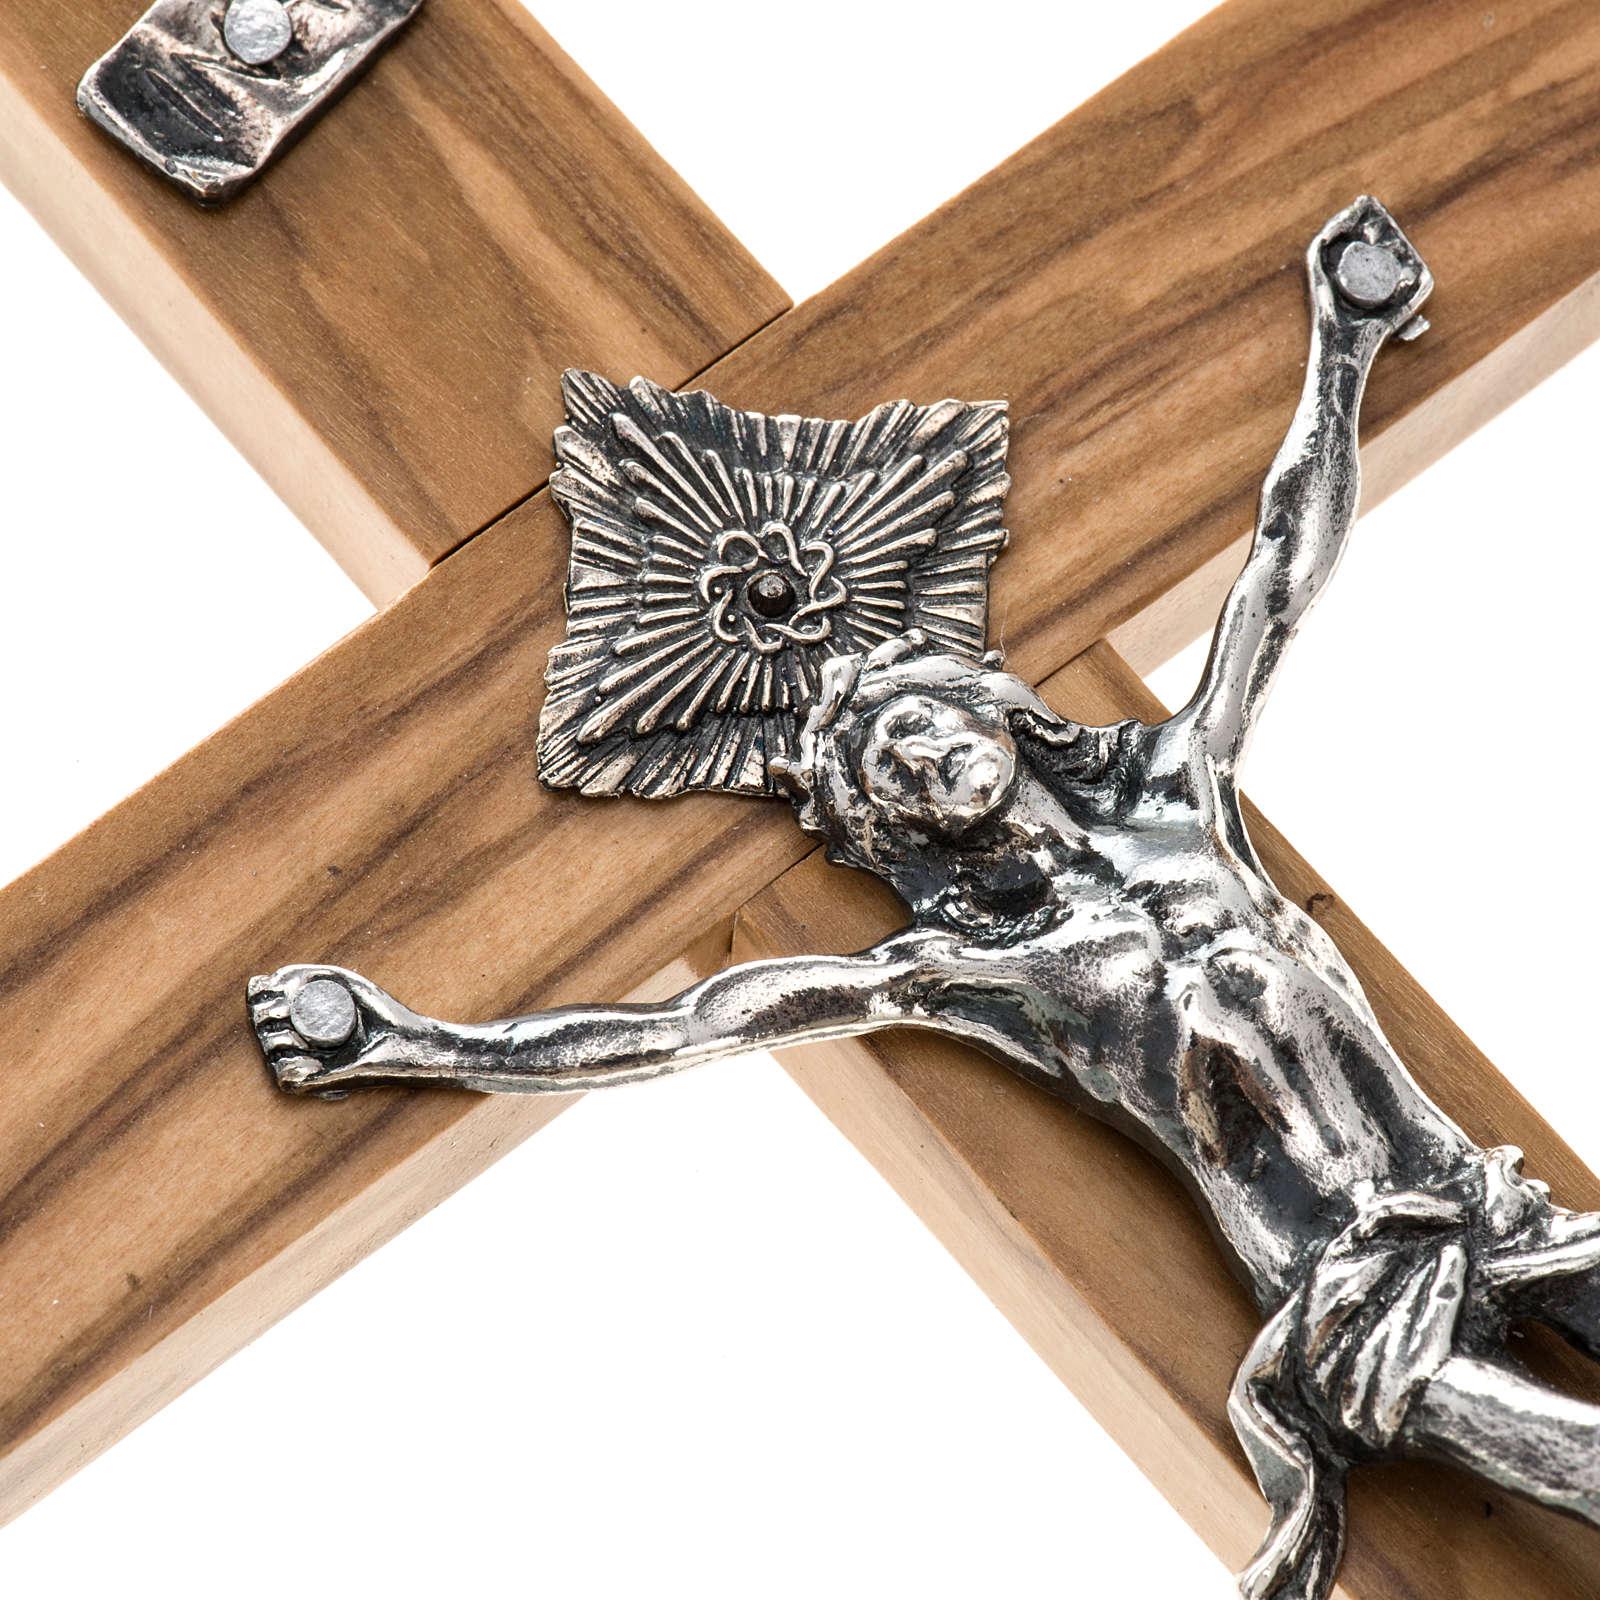 Crocifisso sacerdoti legno d'olivo 20x10 cm 4